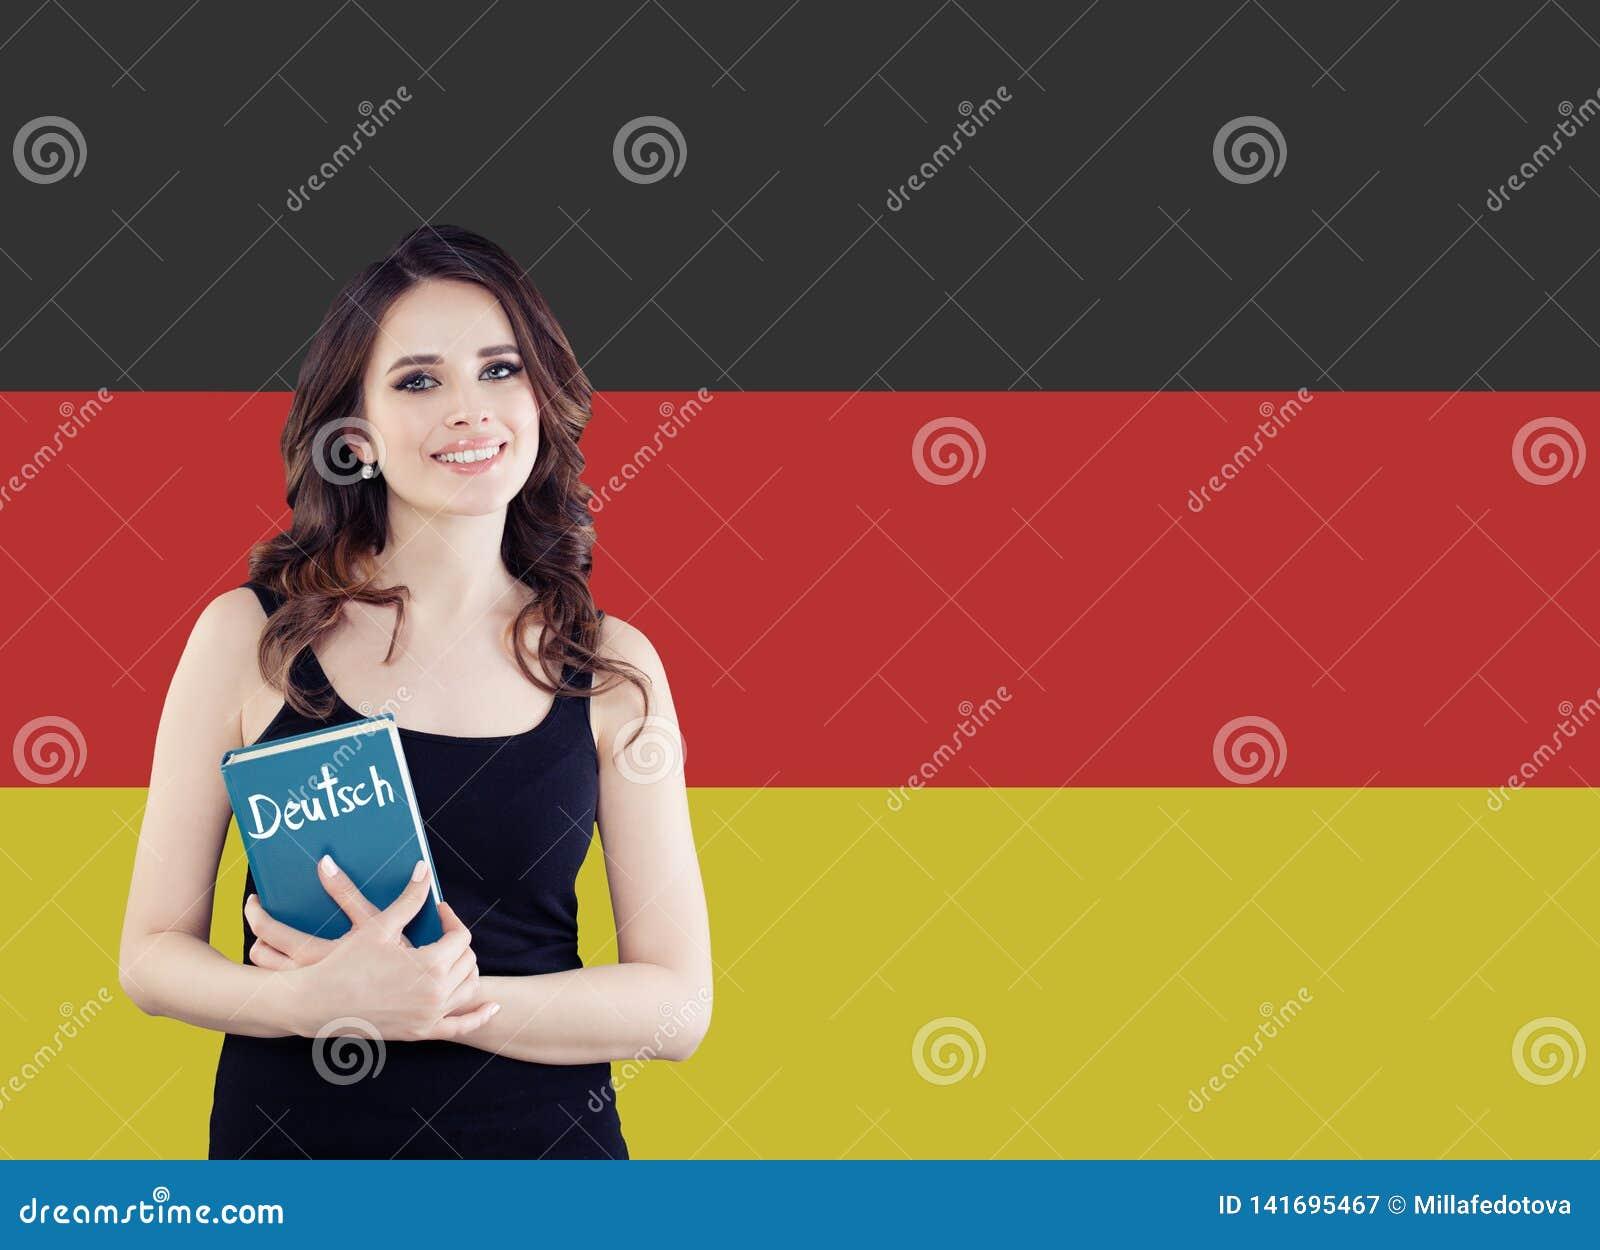 Uczy się niemieckiego języka Atrakcyjny młodej kobiety mienia phrasebook przeciw Niemcy flagi tłu